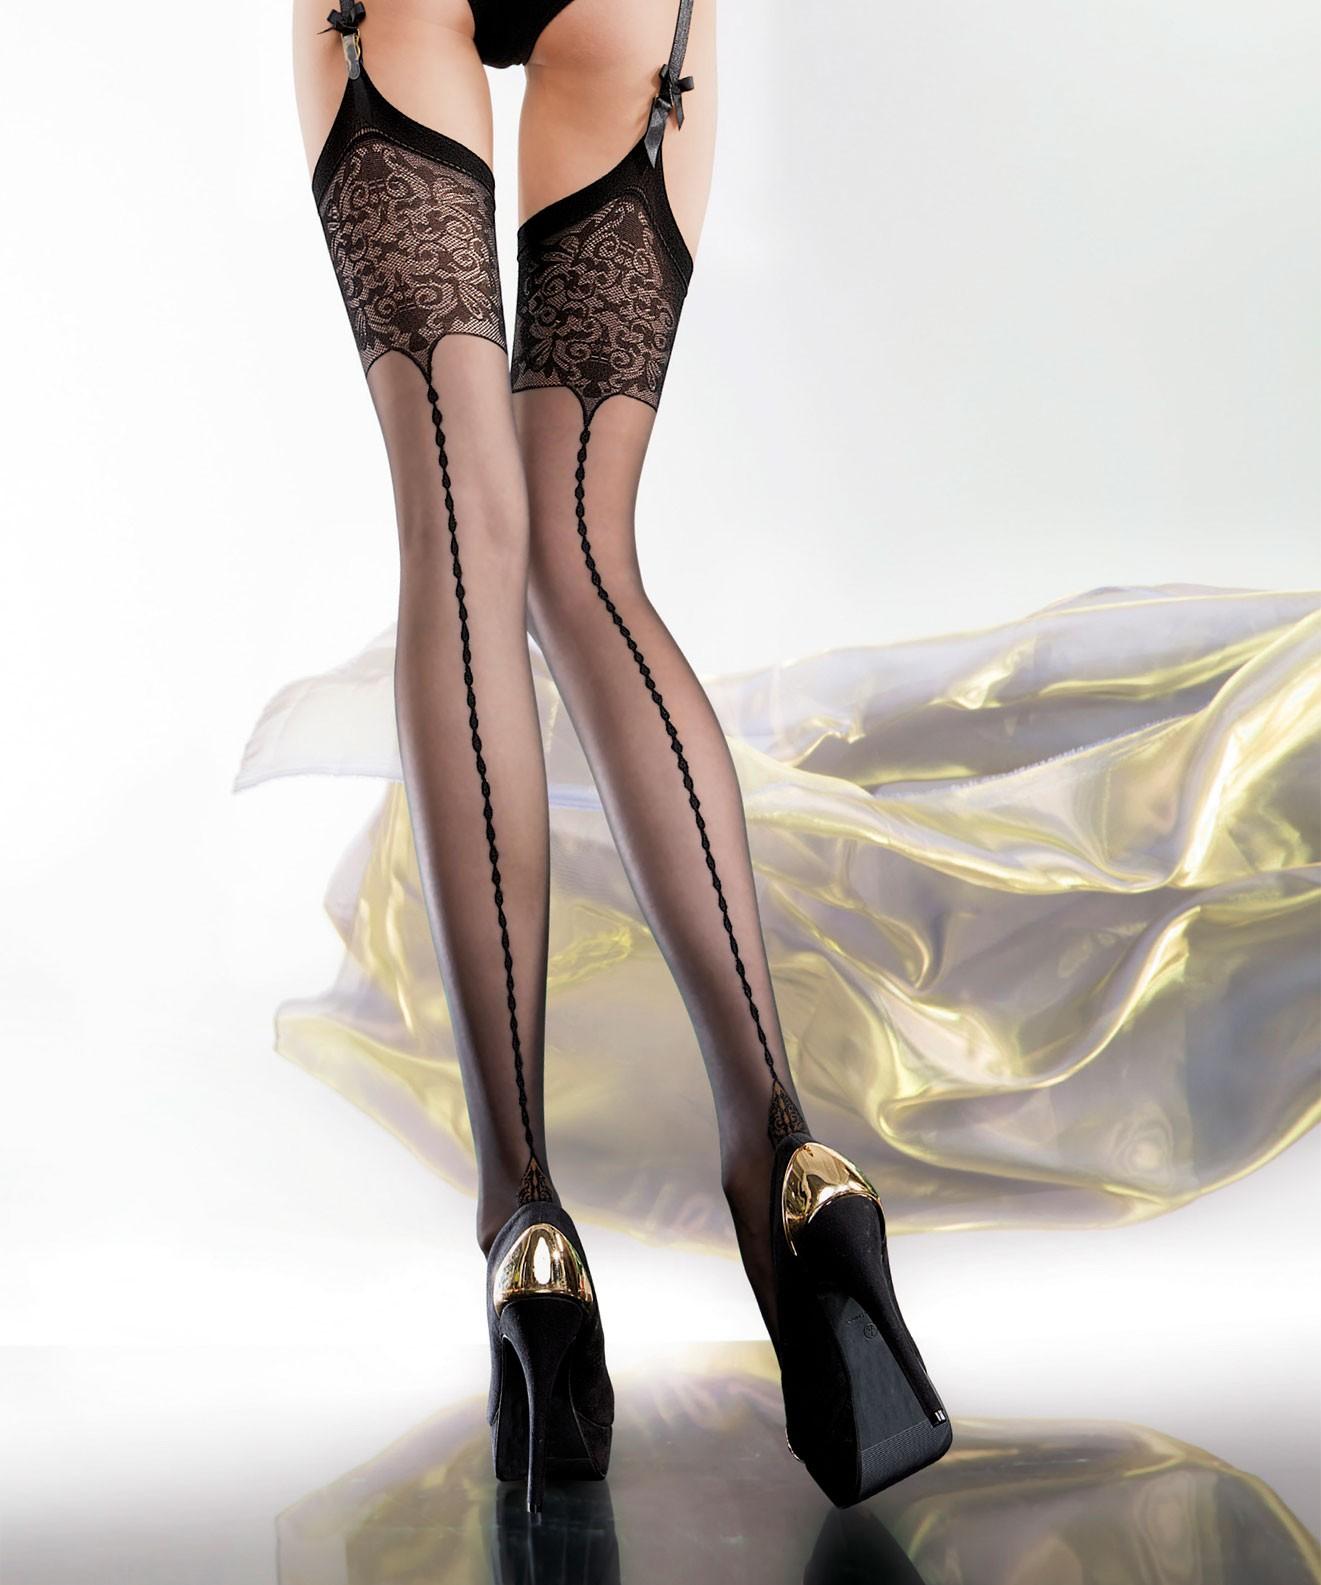 Fiore bas pour porte jarretelles edvige orvelys lingerie - Collants porte jarretelle ...